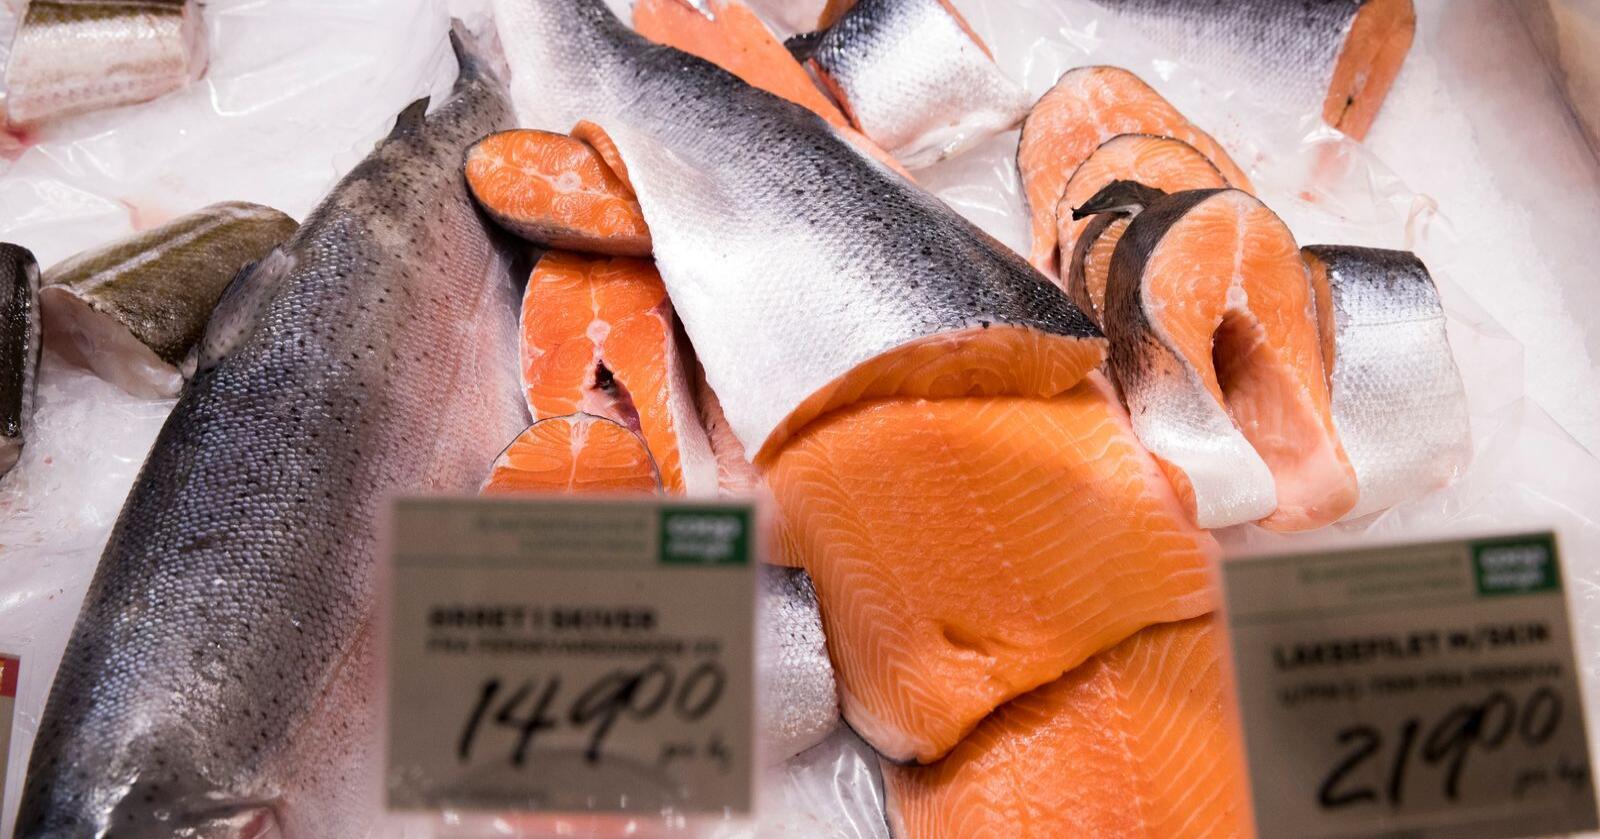 Det er ingen tydelige effekter av koronaviruset i norsk import og eksport. Unntaket er eksport av fisk. Foto: Terje Pedersen / NTB scanpix